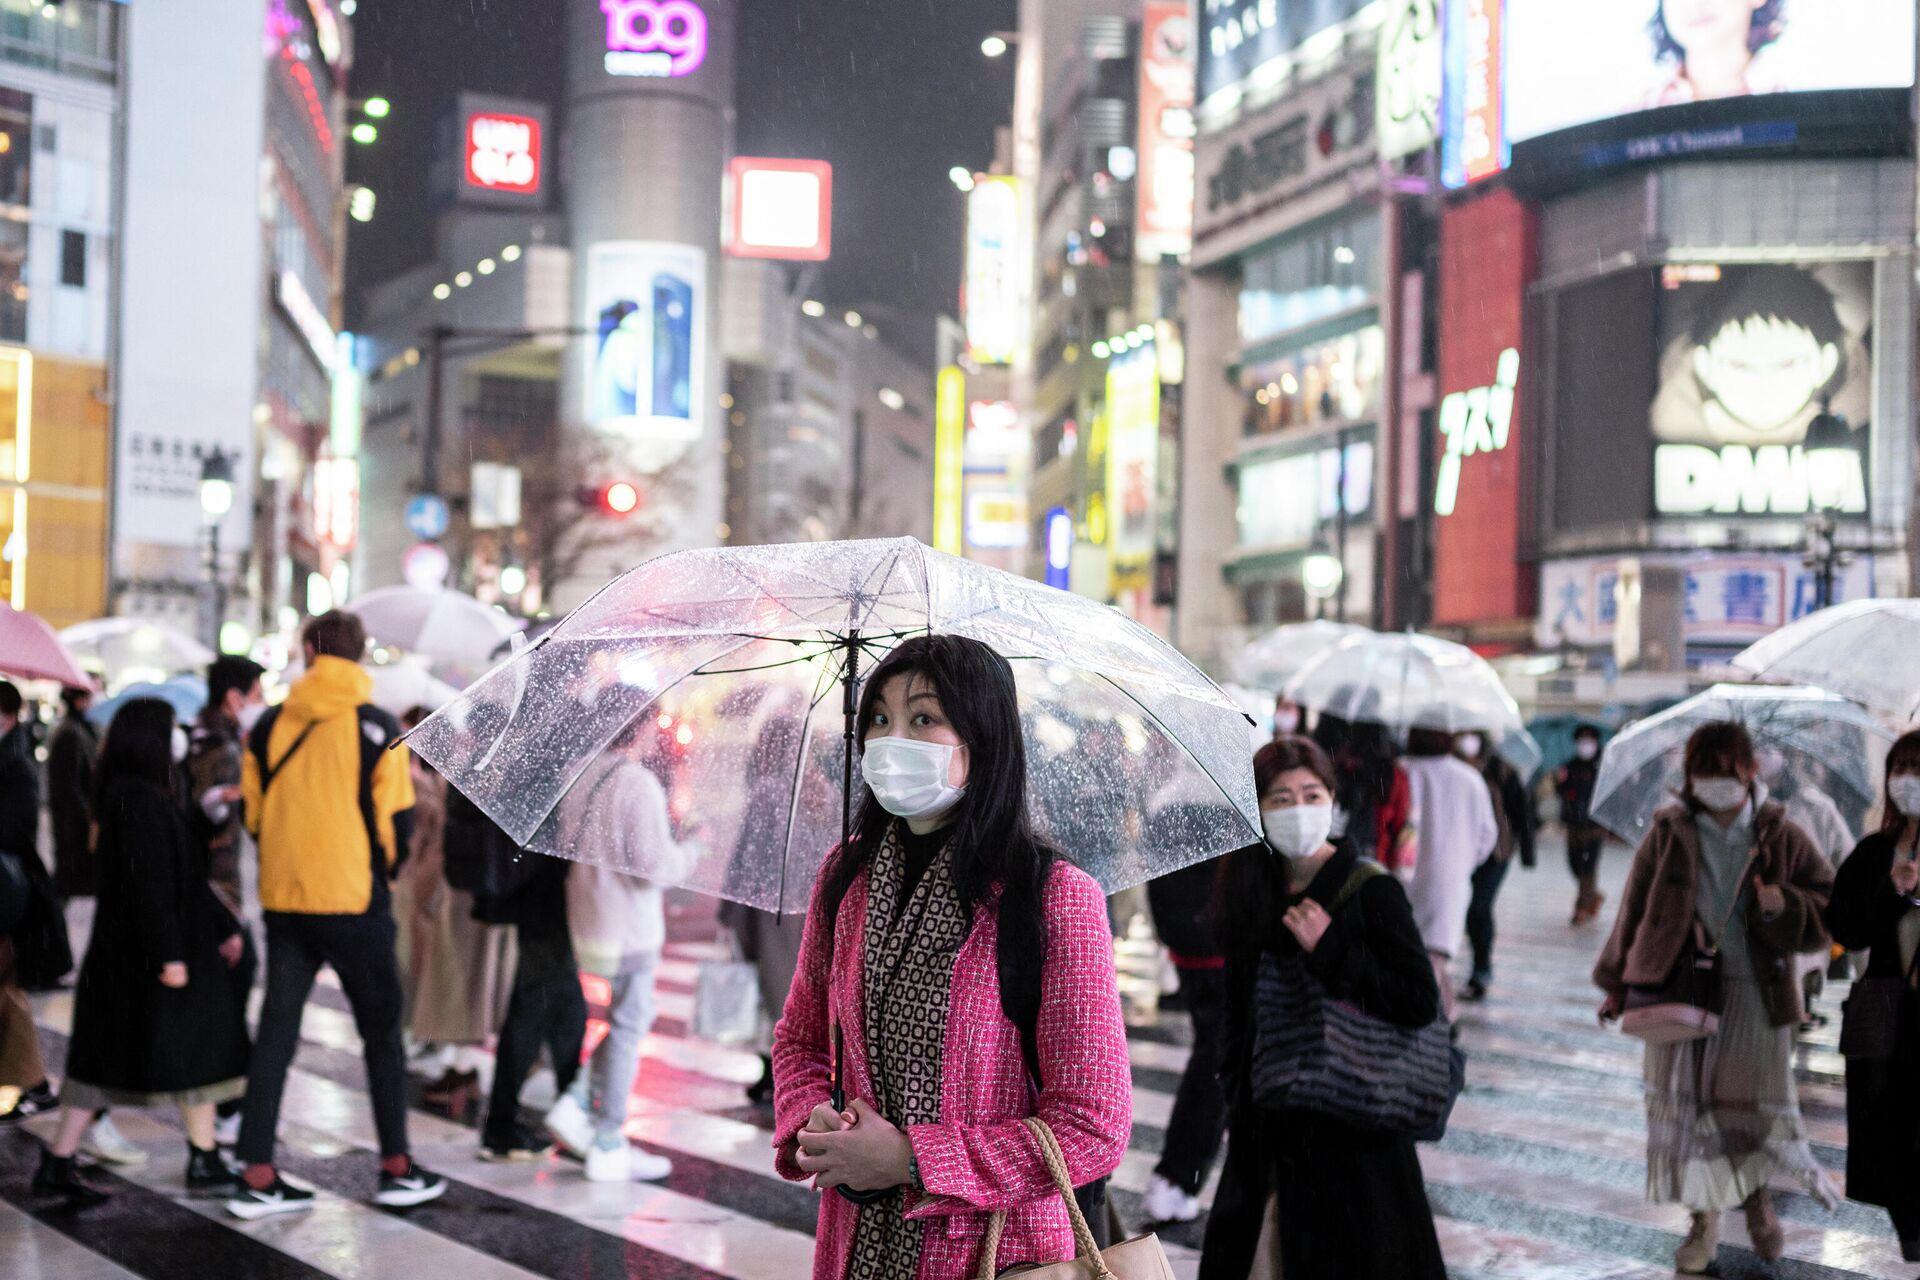 Жители Токио во время пандемии коронавируса - РИА Новости, 1920, 20.03.2021